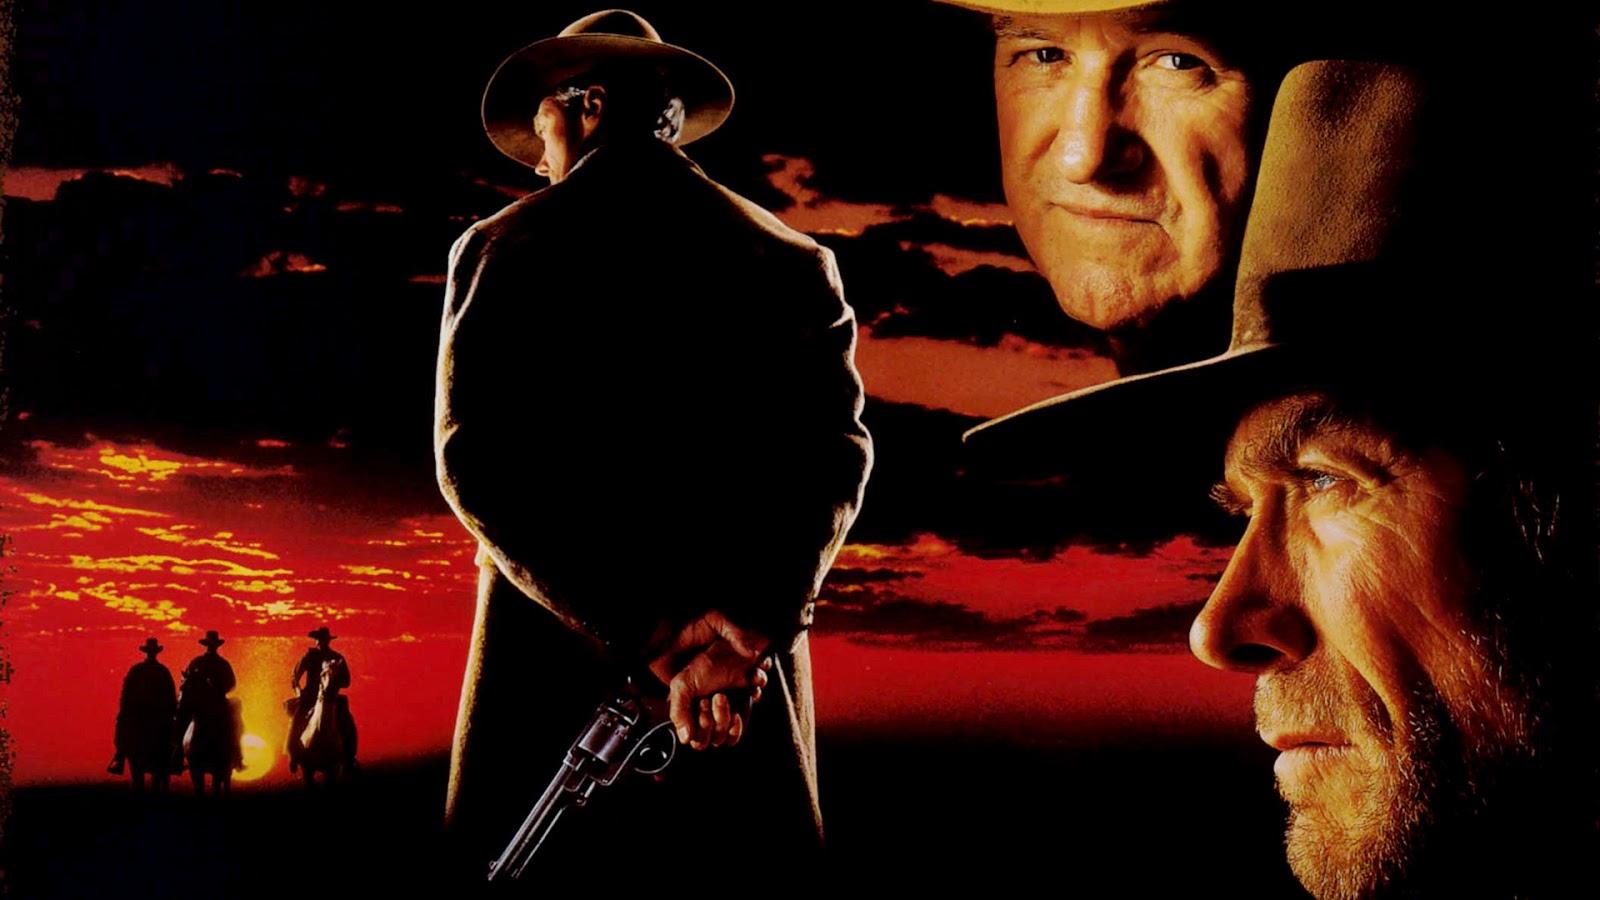 Sin Perdon Wallpaper en 1992 Clint Eastwood Estrena